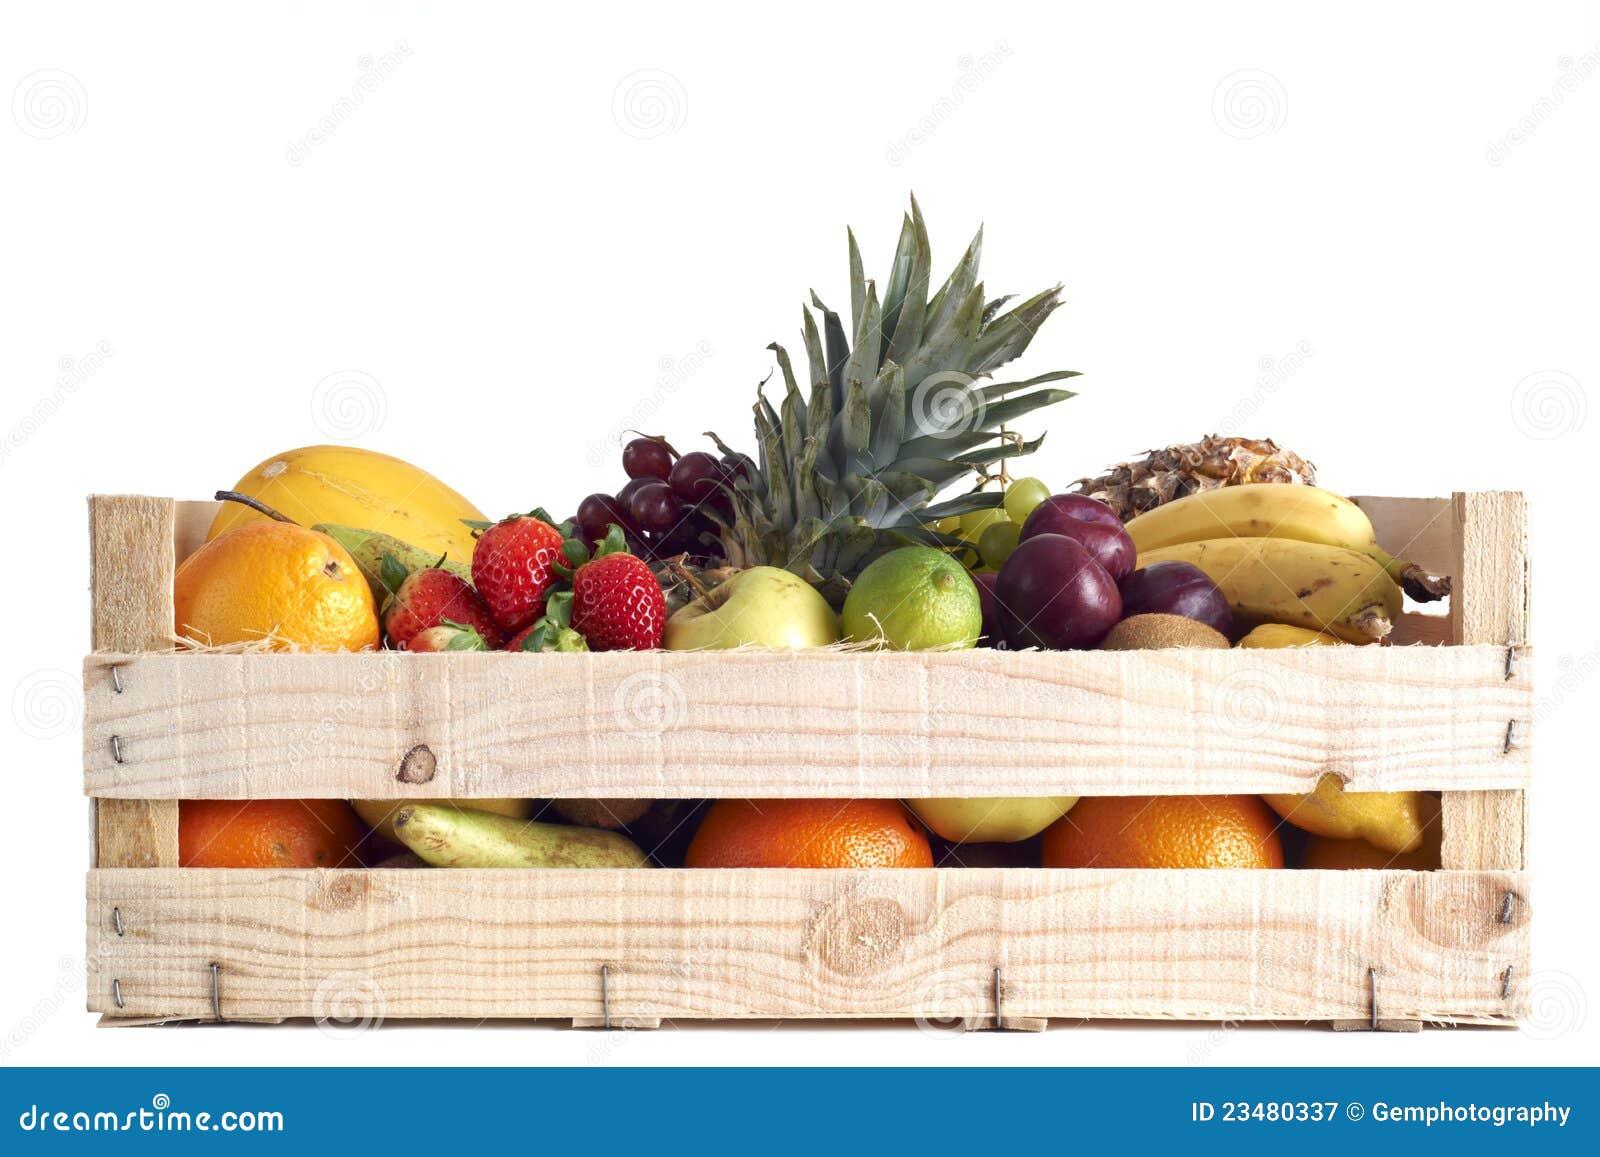 Vários tipos de fruta armazenados na caixa de madeira no fundo branco  #B99012 1300x957